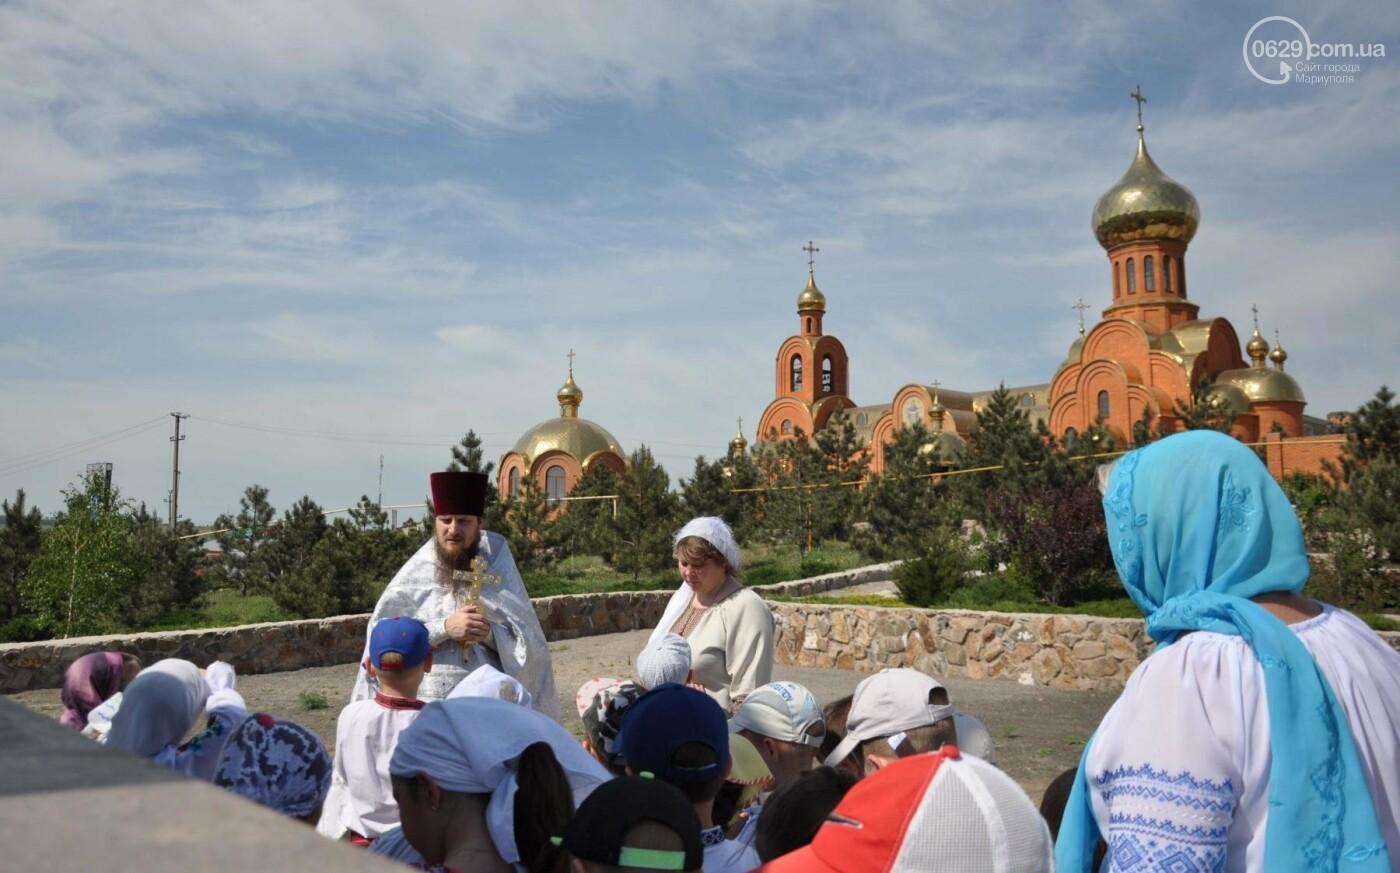 Праздник Вознесения и День вышиванки объединили прихожан в Свято-Покровском храме с.Боевое, фото-29